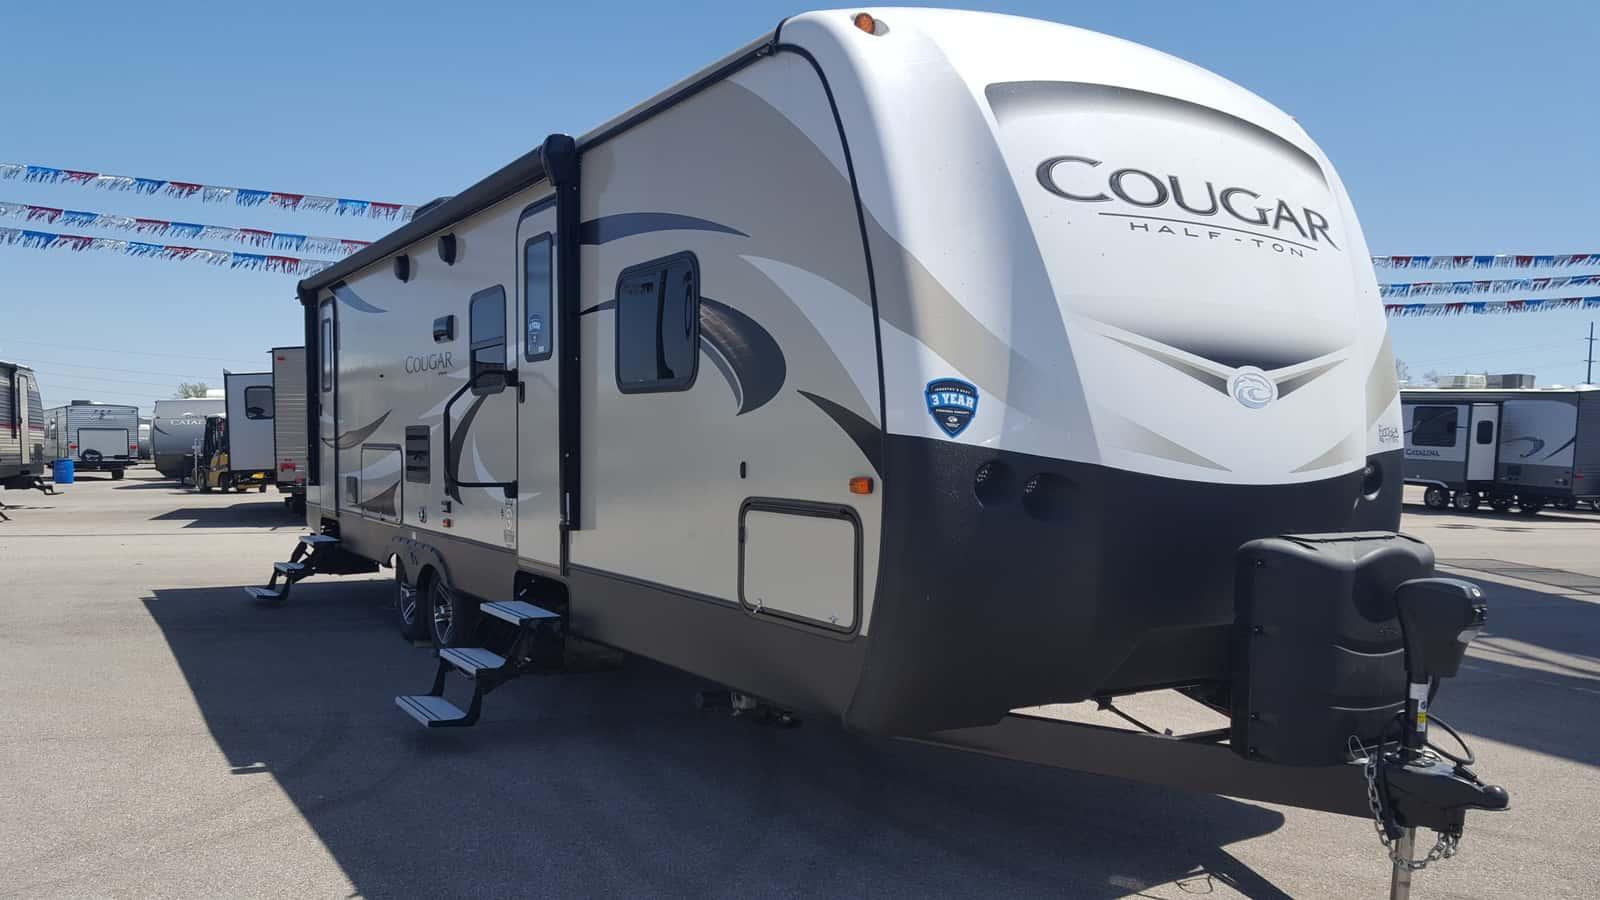 NEW 2019 Keystone COUGAR HALF-TON 29BHS - American RV